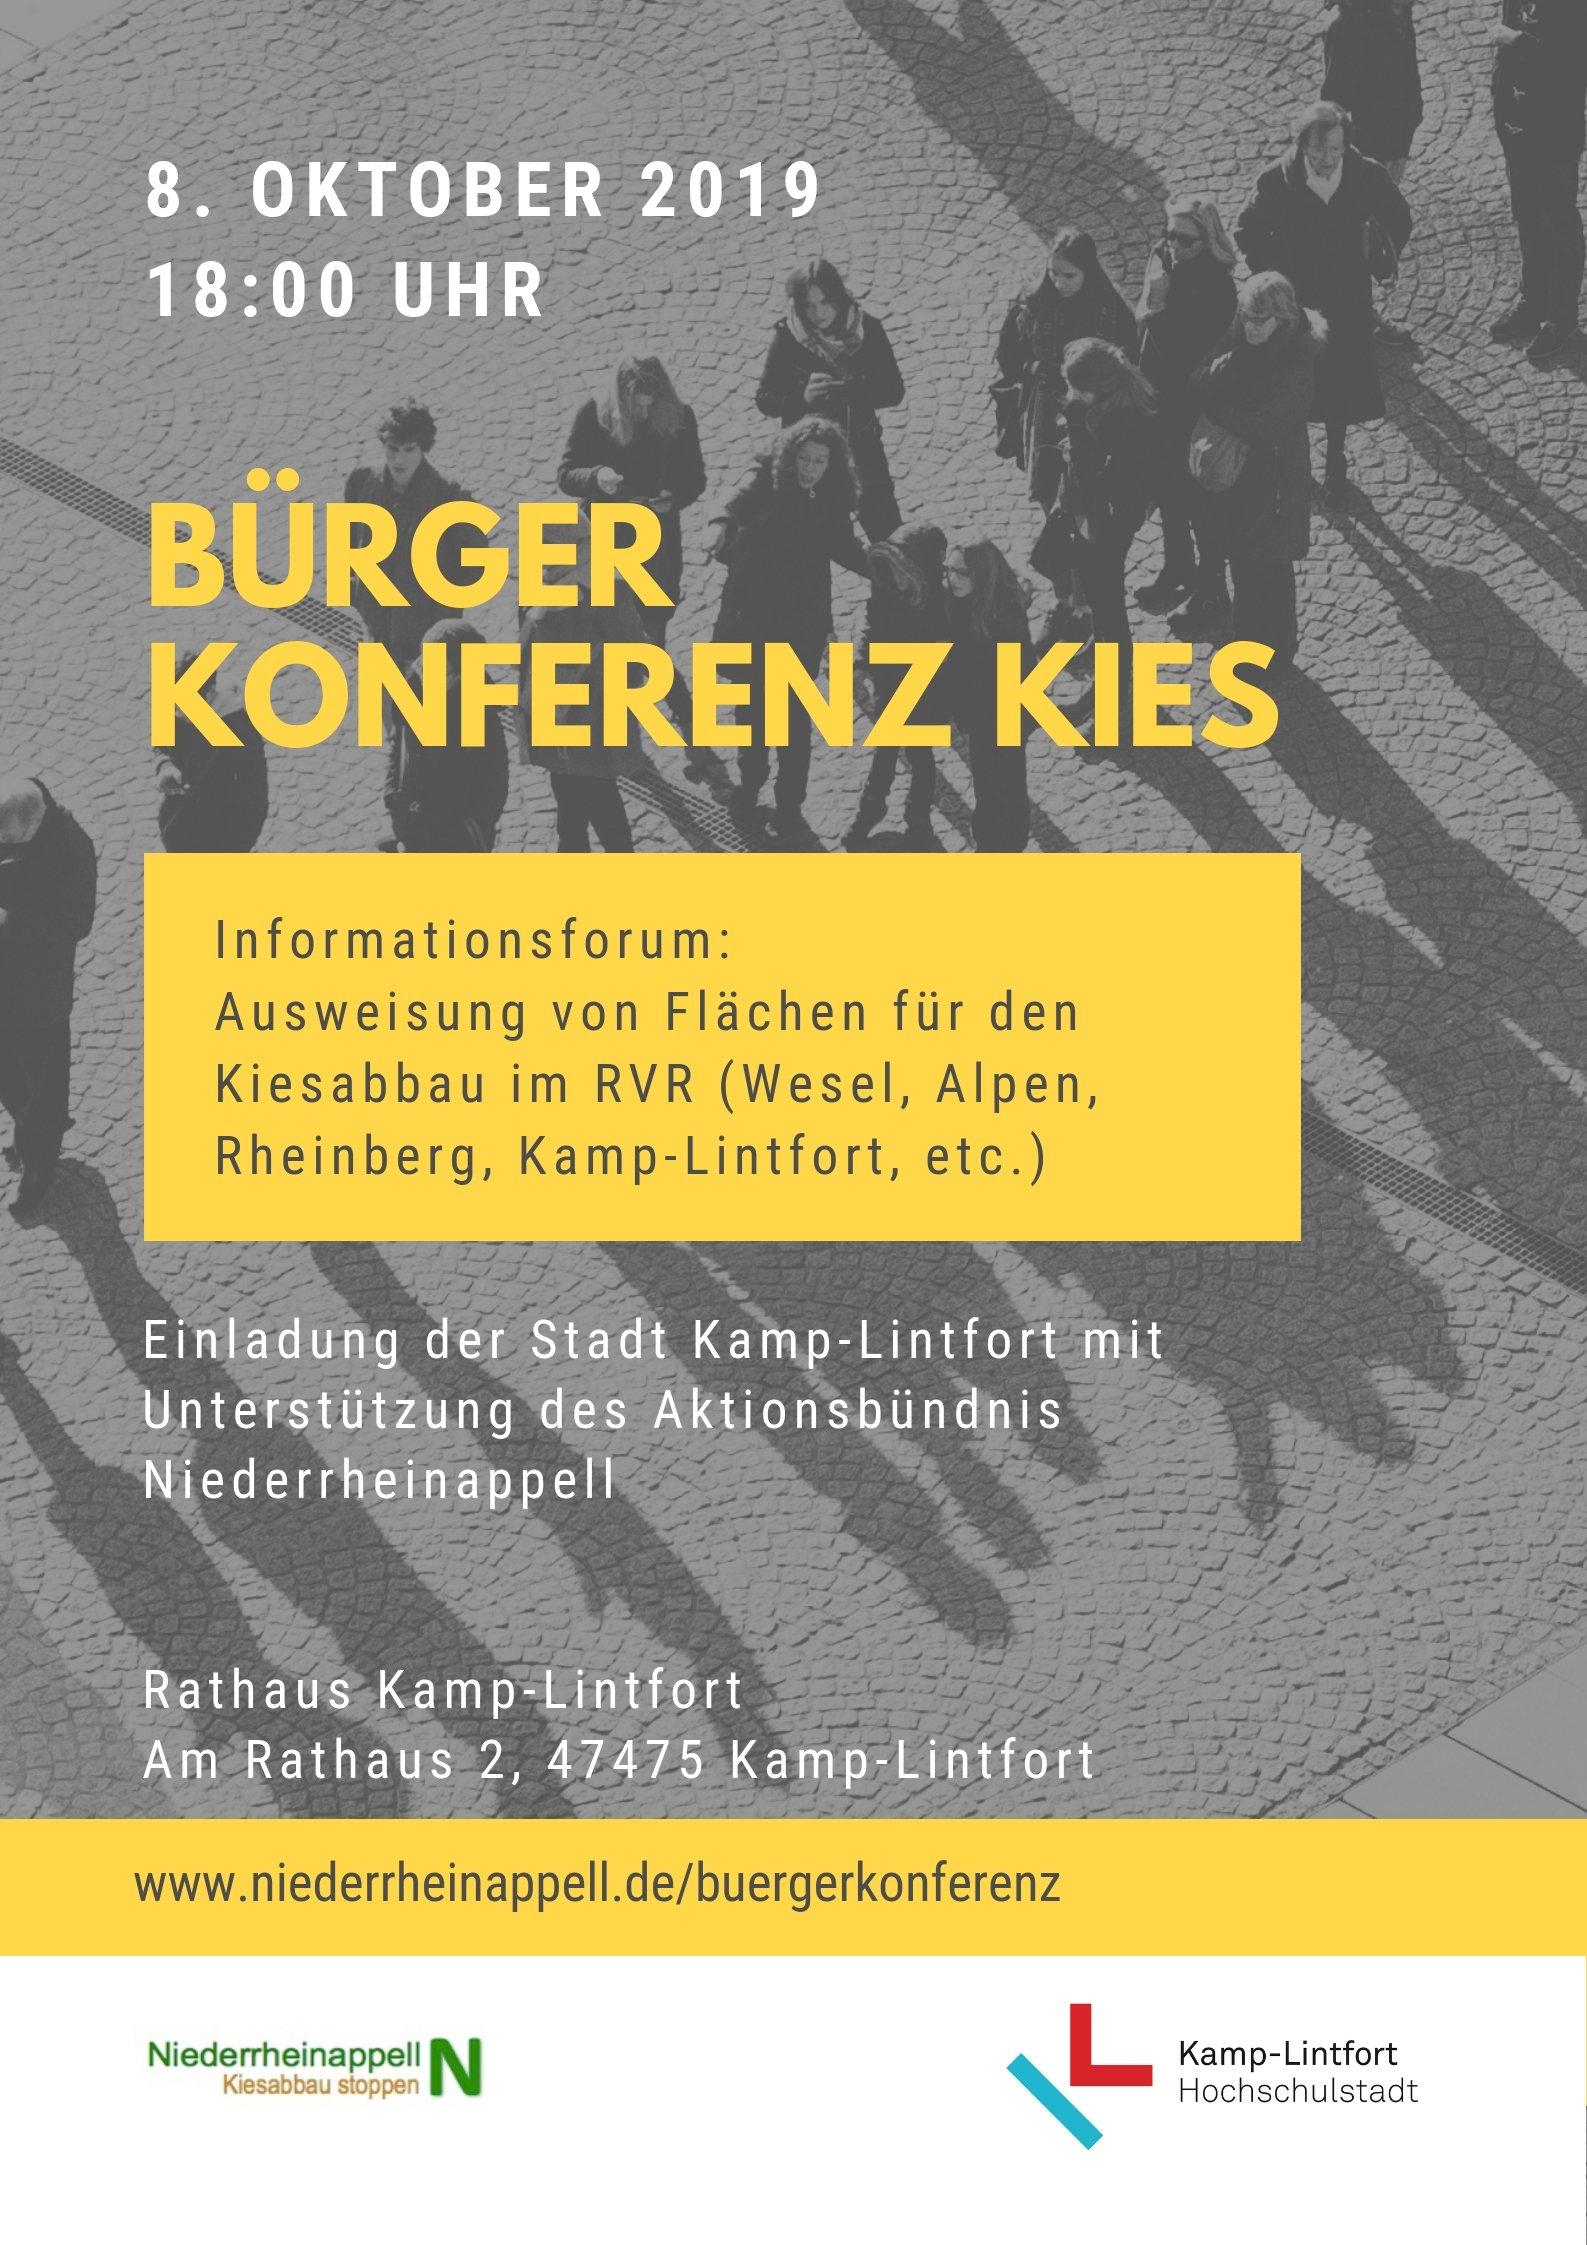 8. Oktober 2019 18 Uhr Einladung der Stadt Kamp-Lintfort mit Unterstützung des Aktionsbündnis Niederrheinappell zur Bürger Konferenz Kies im Kamp-Lintforter Rathaus. Es geht um den Kiesabbau im RVR (Wesel, Alpen, Rheinberg, Kamp-Lintfort etc.).